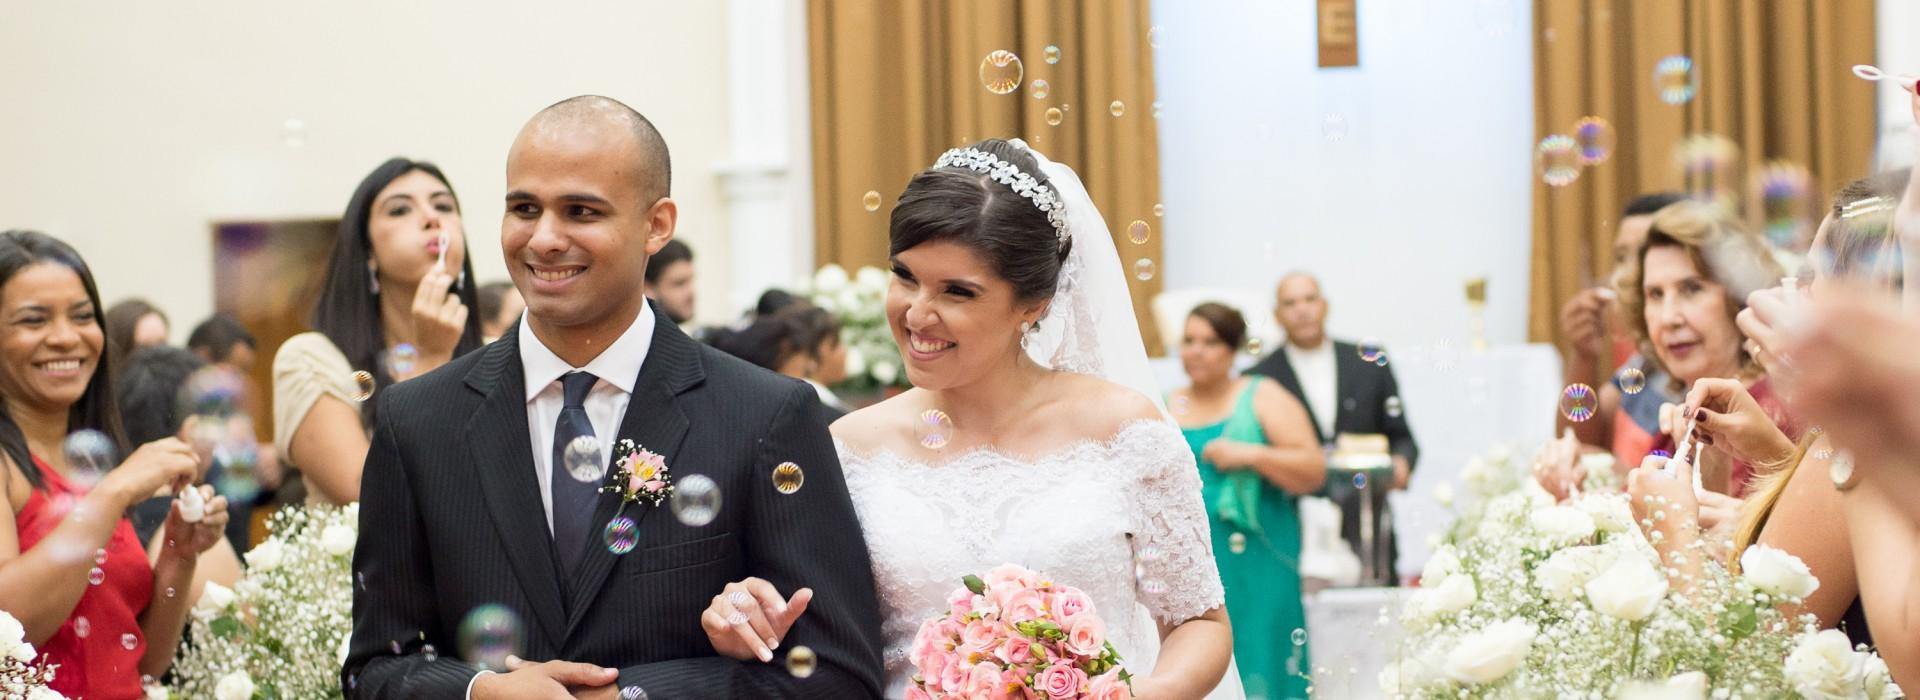 Casamento de Janna e Vítor em Niterói - RJ